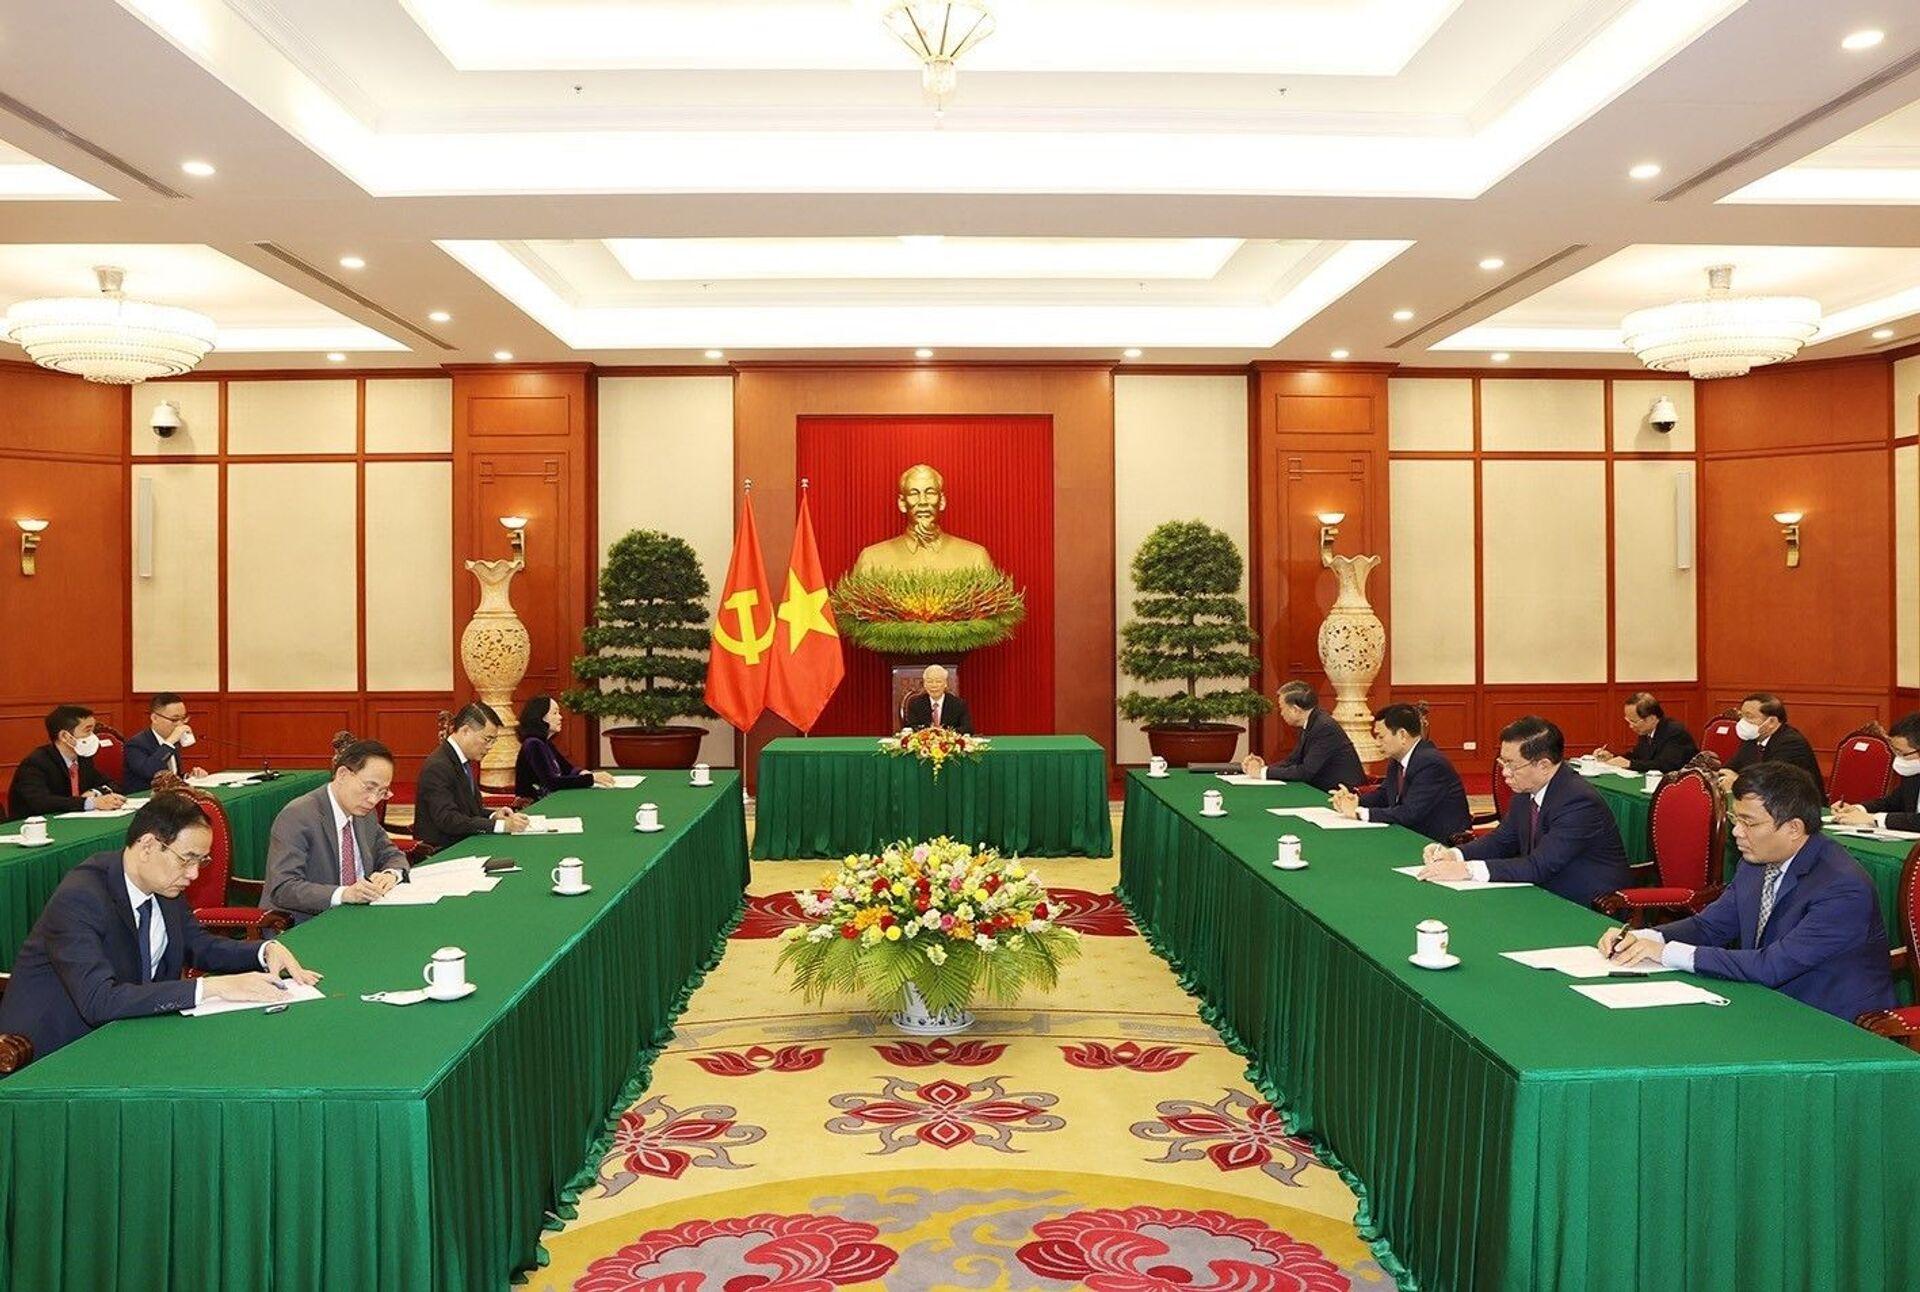 Tổng Bí thư Nguyễn Phú Trọng điện đàm với Tổng Bí thư, Chủ tịch nước Trung Quốc Tập Cận Bình. - Sputnik Việt Nam, 1920, 05.10.2021